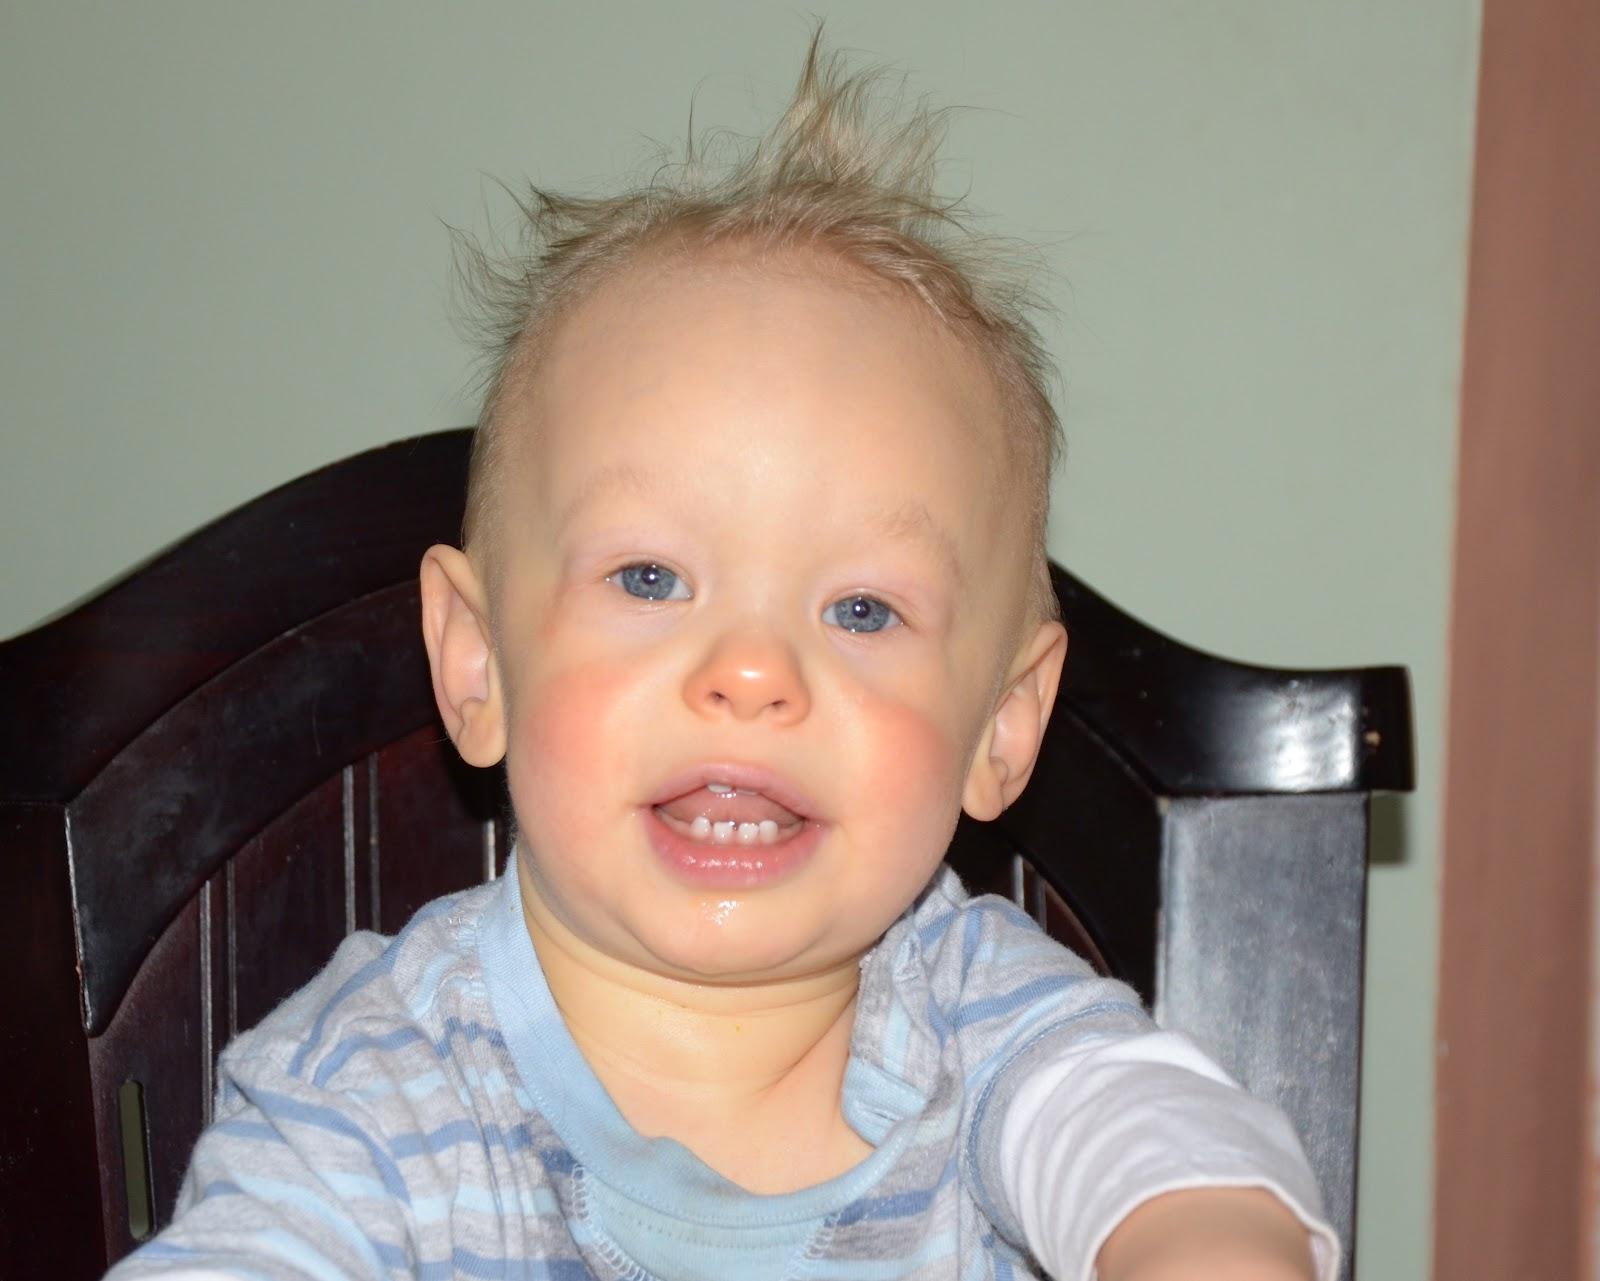 Синдром вильямса фото детей и взрослых